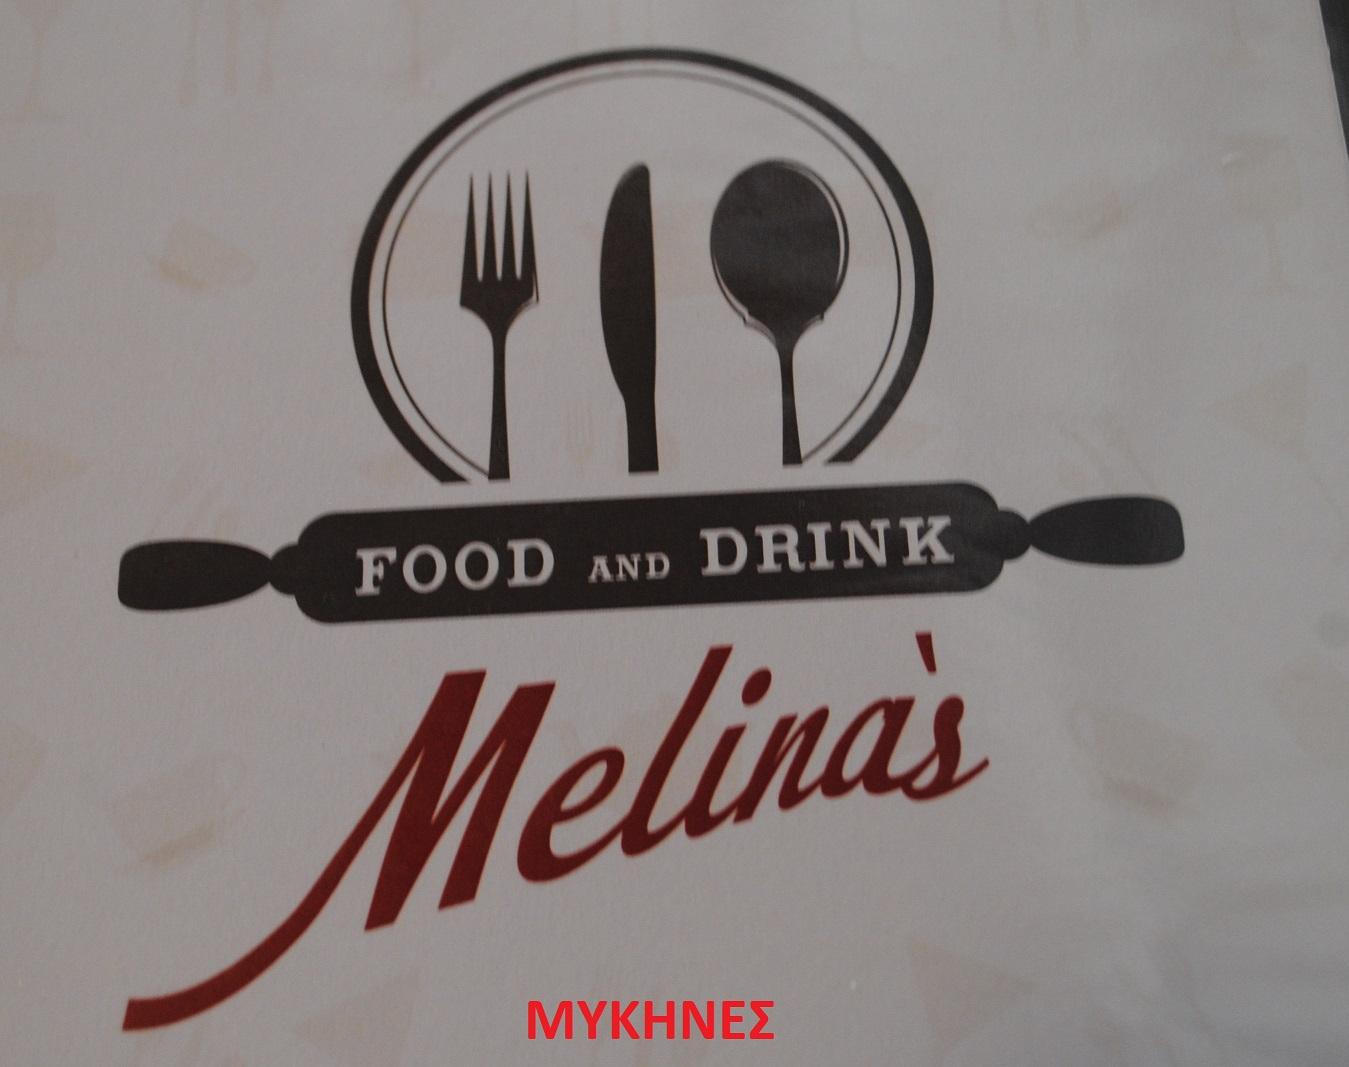 MELINAS